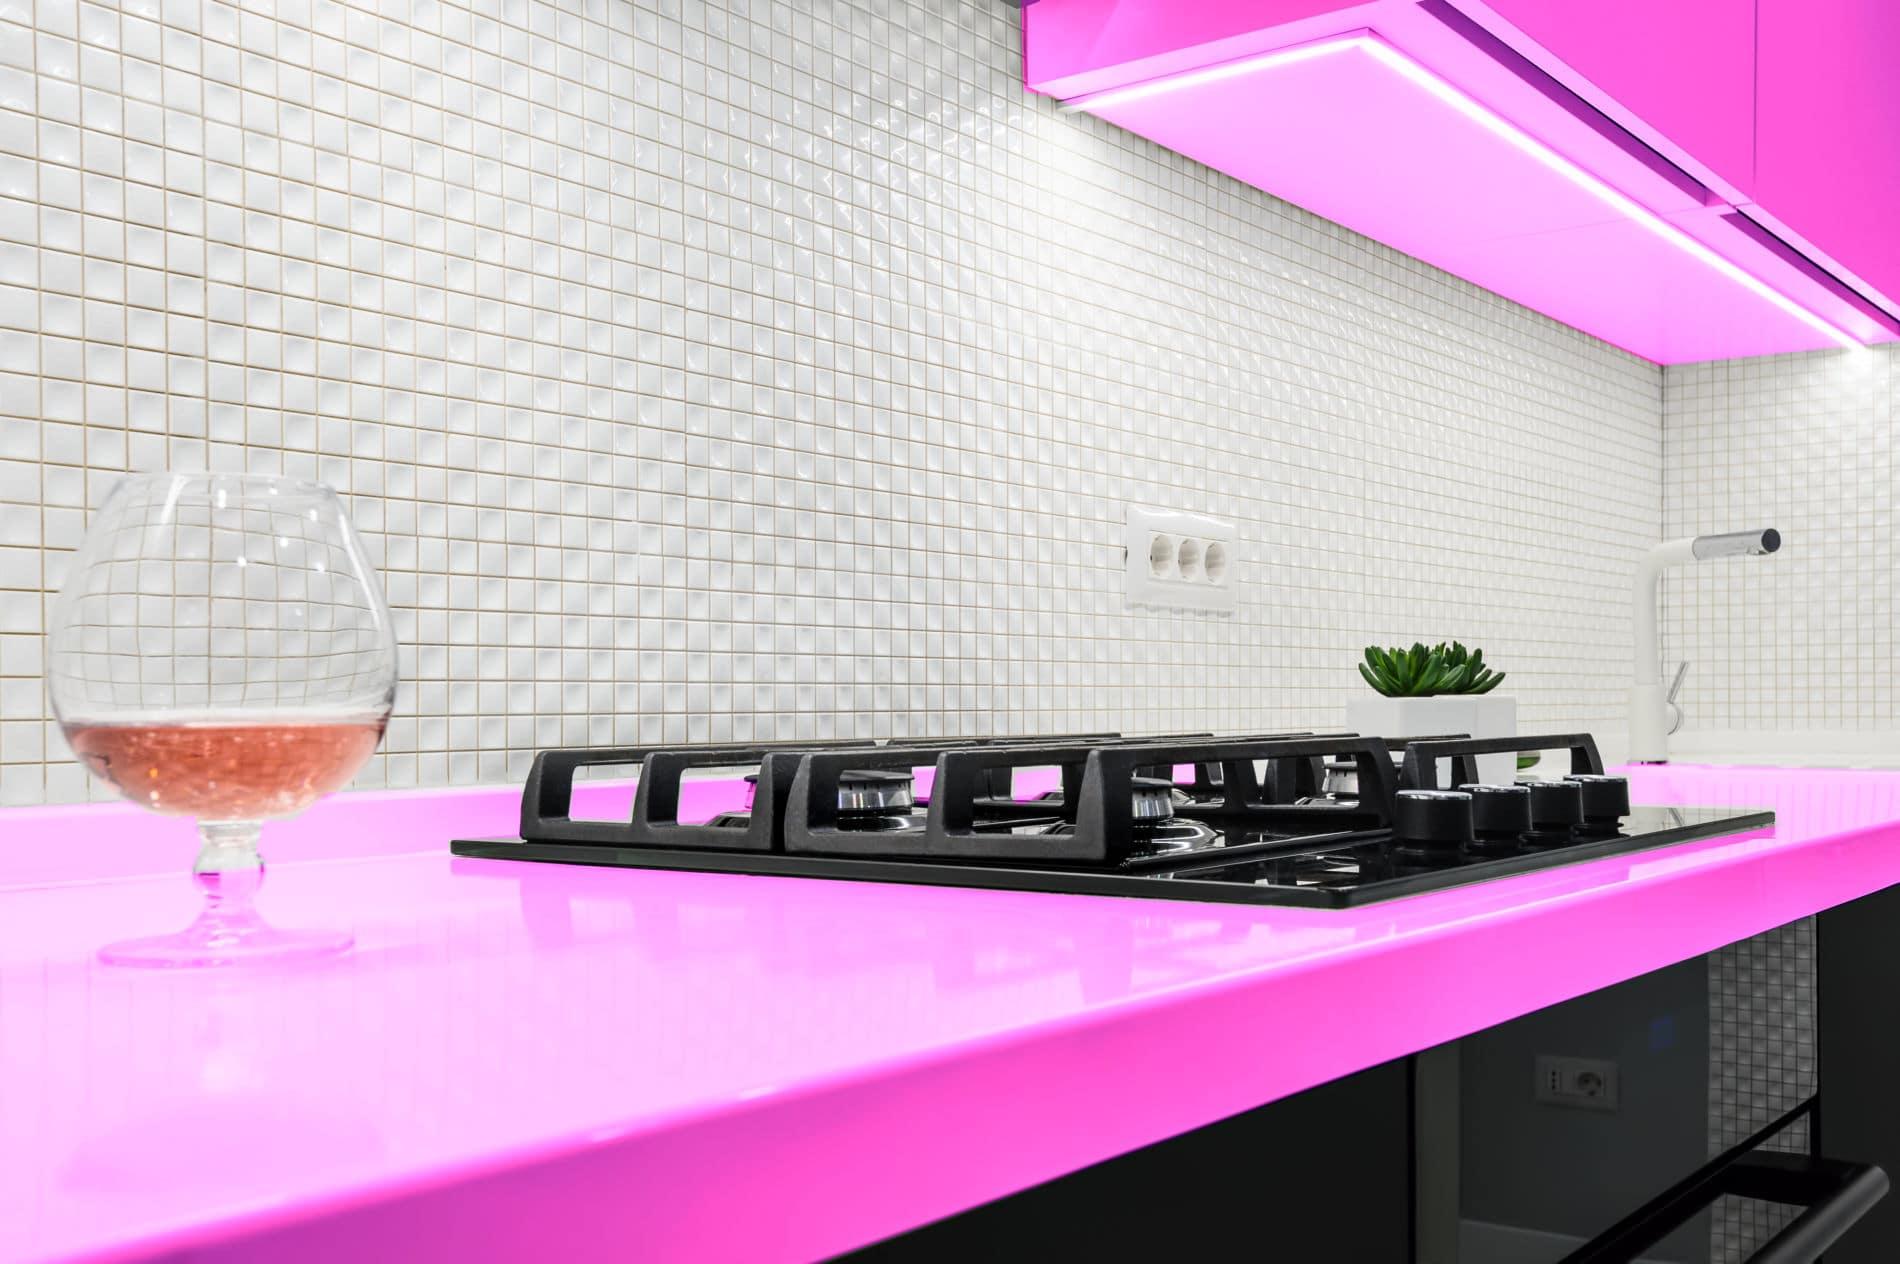 מטבחים מעץ חברות לעיצוב וייצור מטבחים מודרניים מקצועיים בתחום מטבחי יוקרה עם הרבה וותק שיודעים לתת שירות אדיב ומקצועי, שמומחים לשירותי ייצור ועיצוב מטבחים תוך כדי חיבור הכיריים החשמליים ובדיקת תקינותם